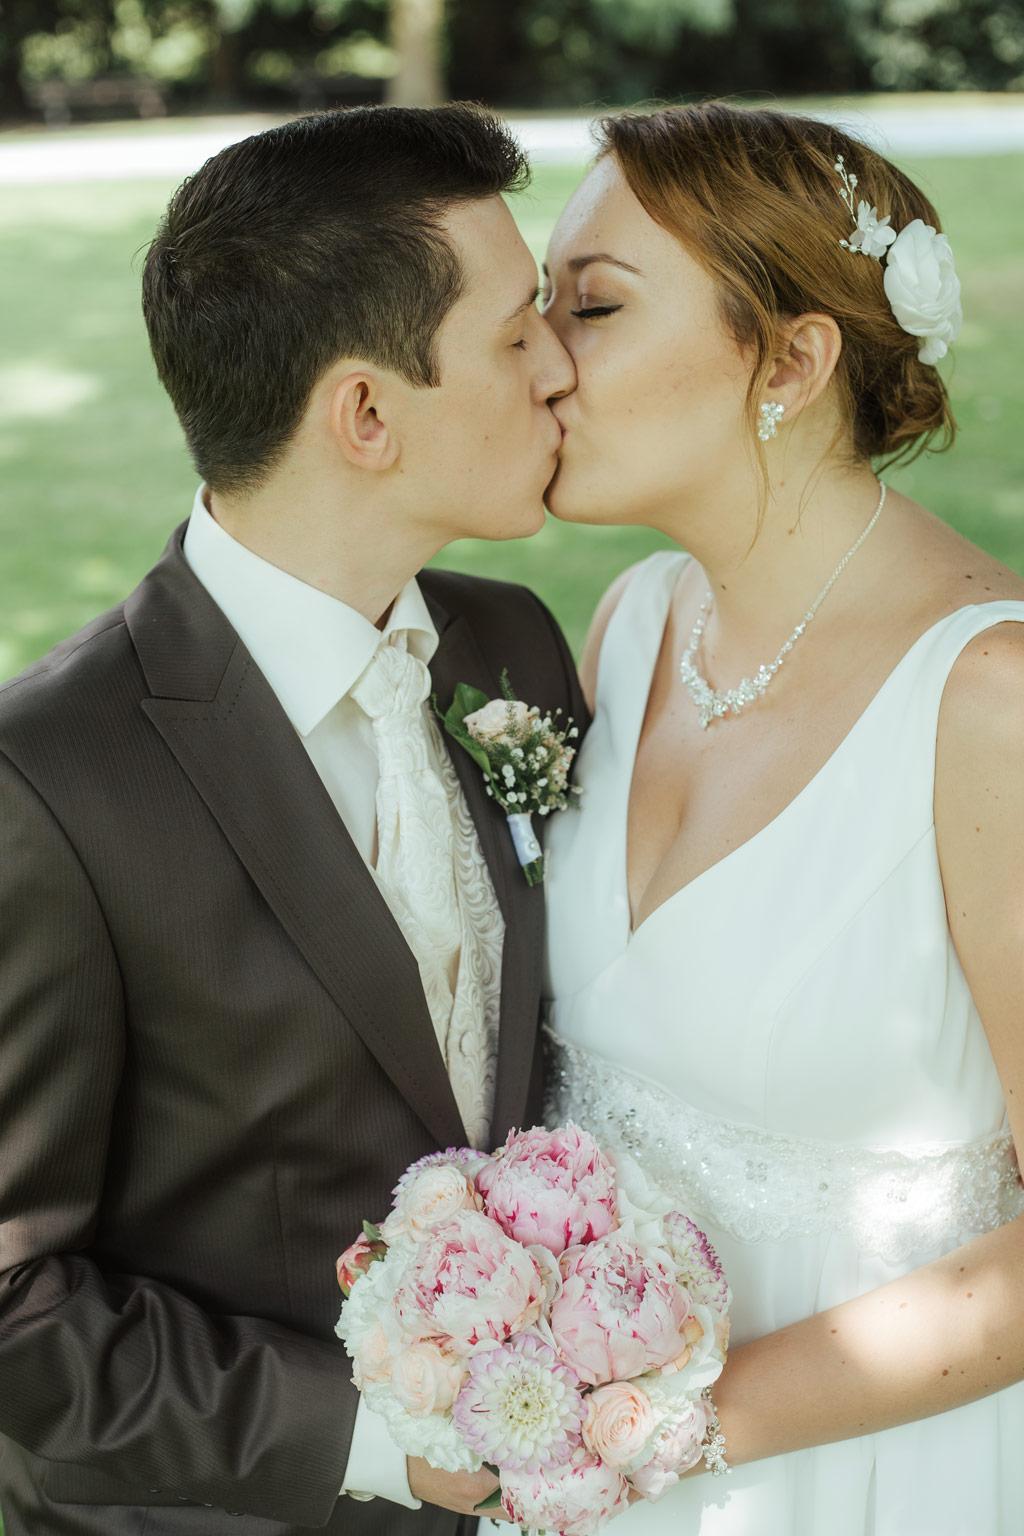 Hochzeitsbilder Leipzig - Braut und Bräutigam küssen sich